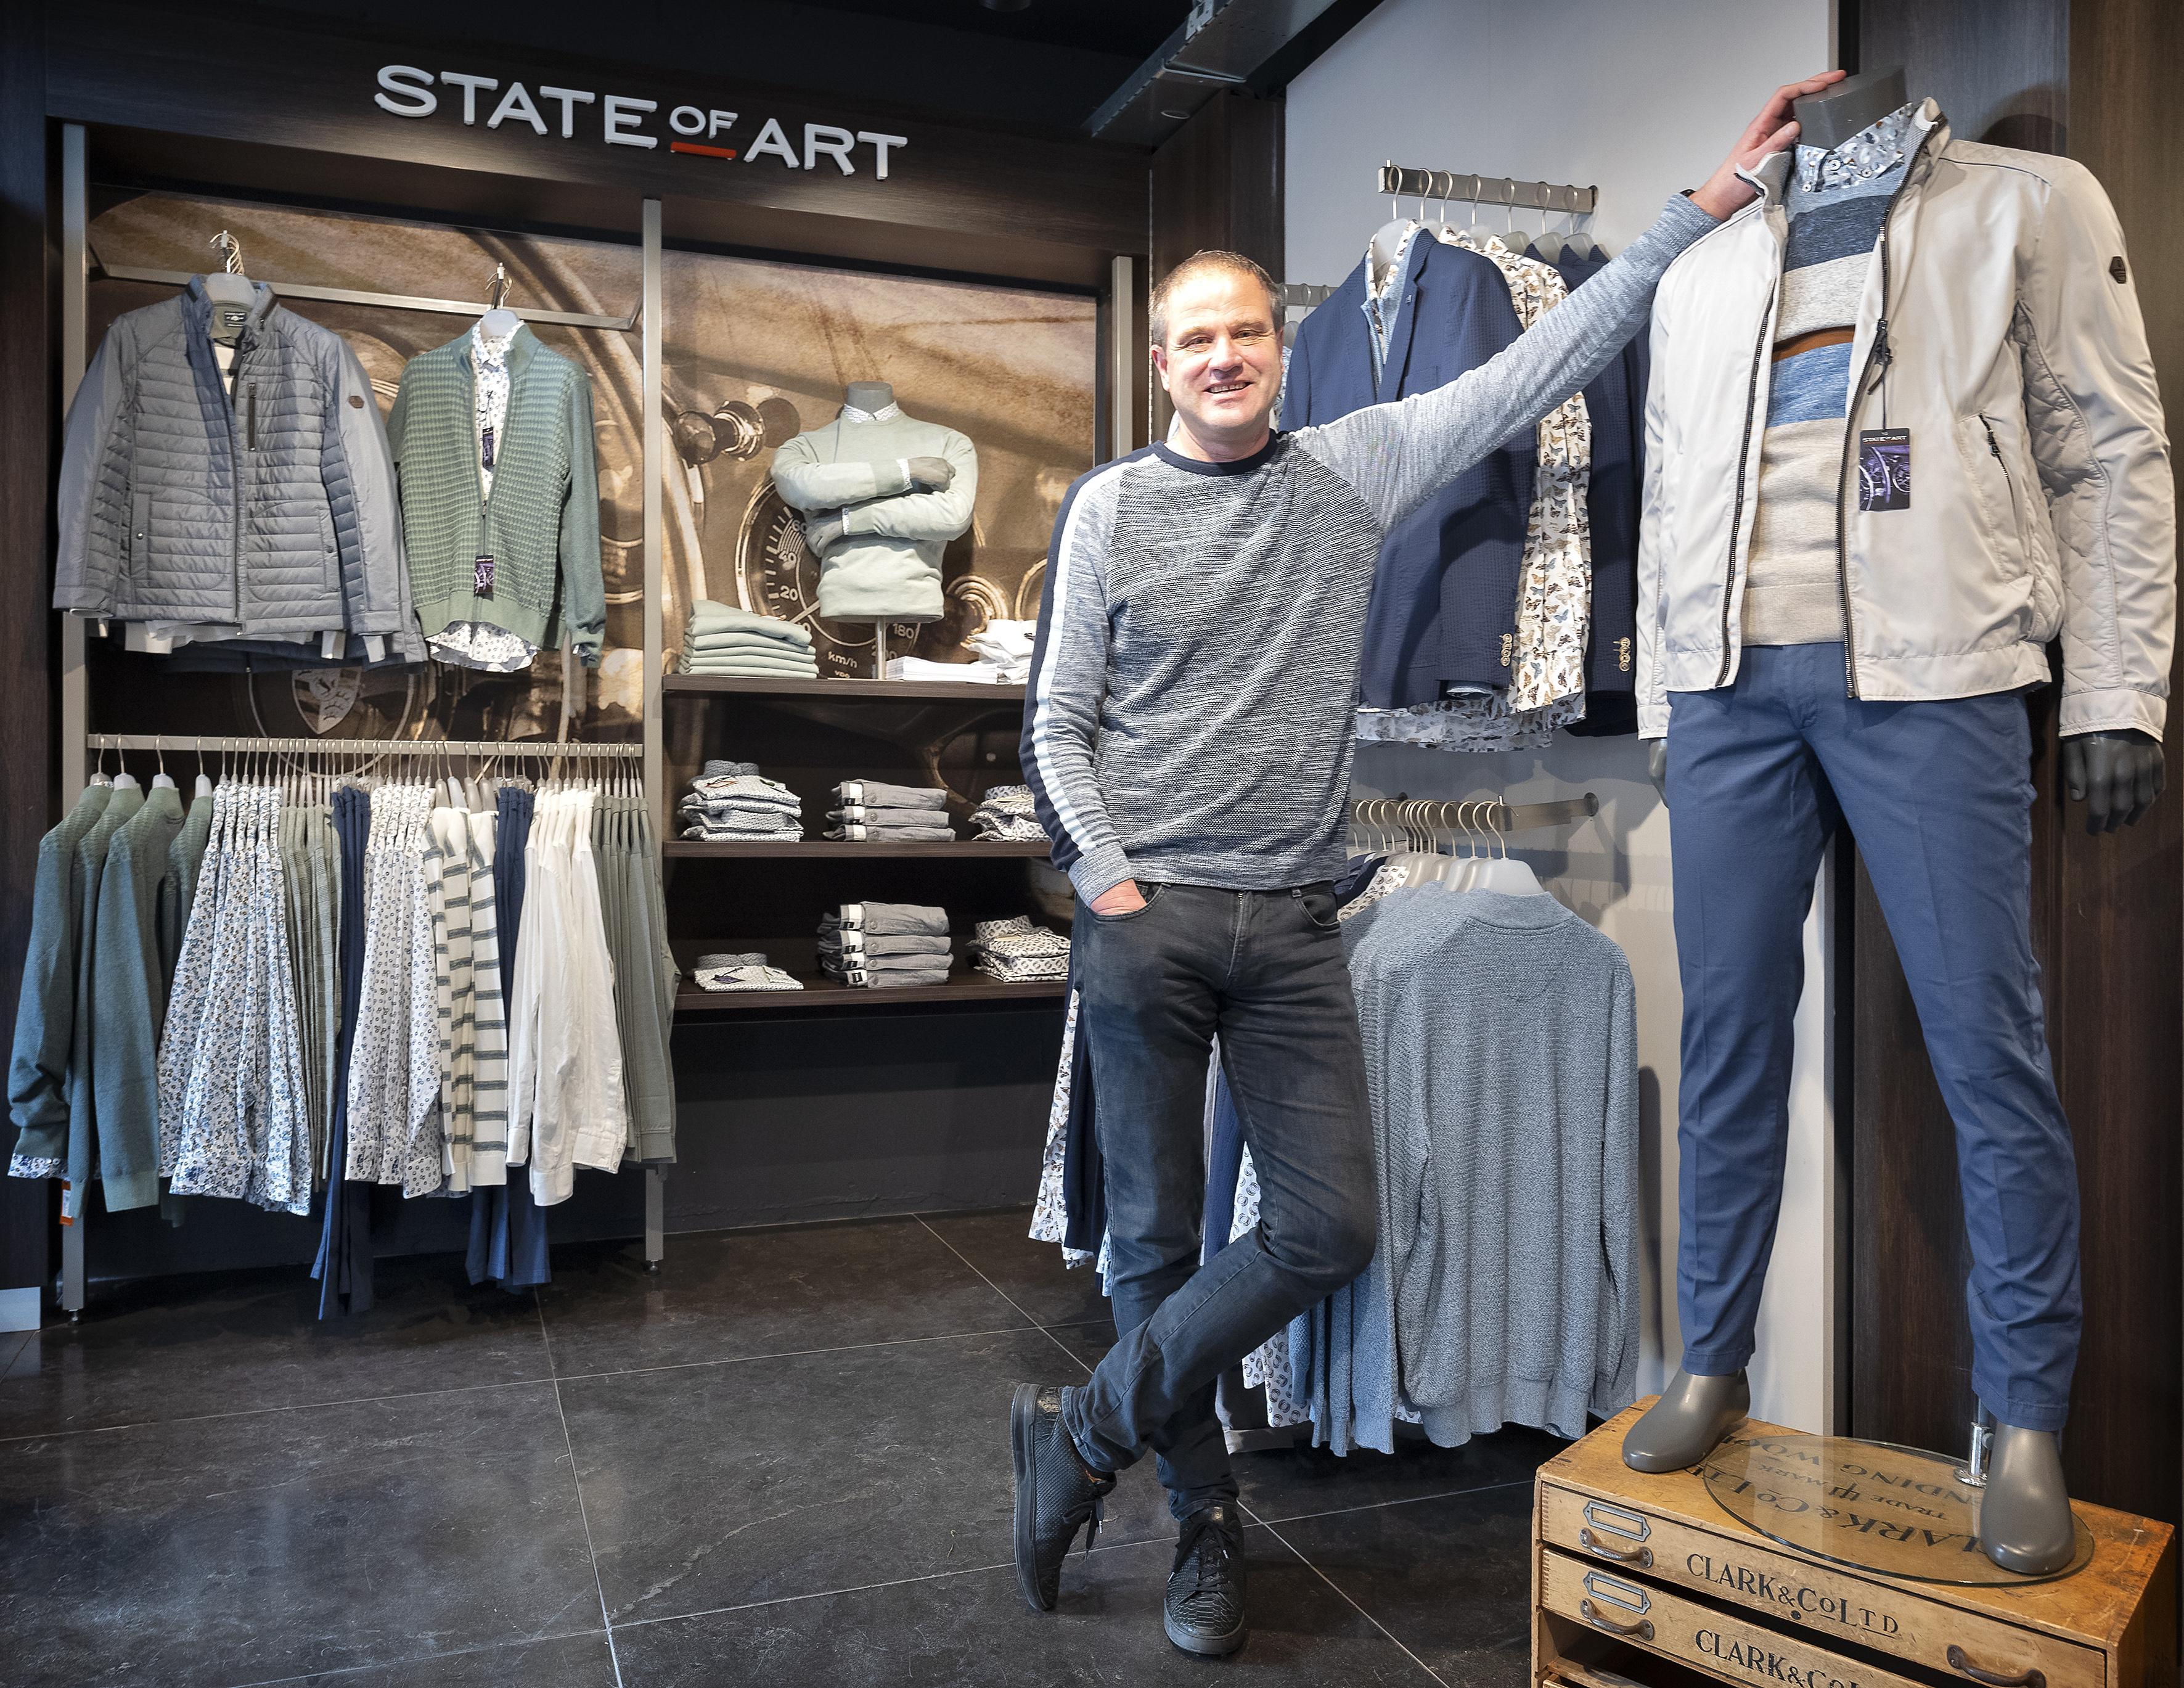 Mensen hebben in de IJmond soms hele kledingwinkels alleen voor zichzelf: 'Klanten kunnen helemaal los, the floor is yours'